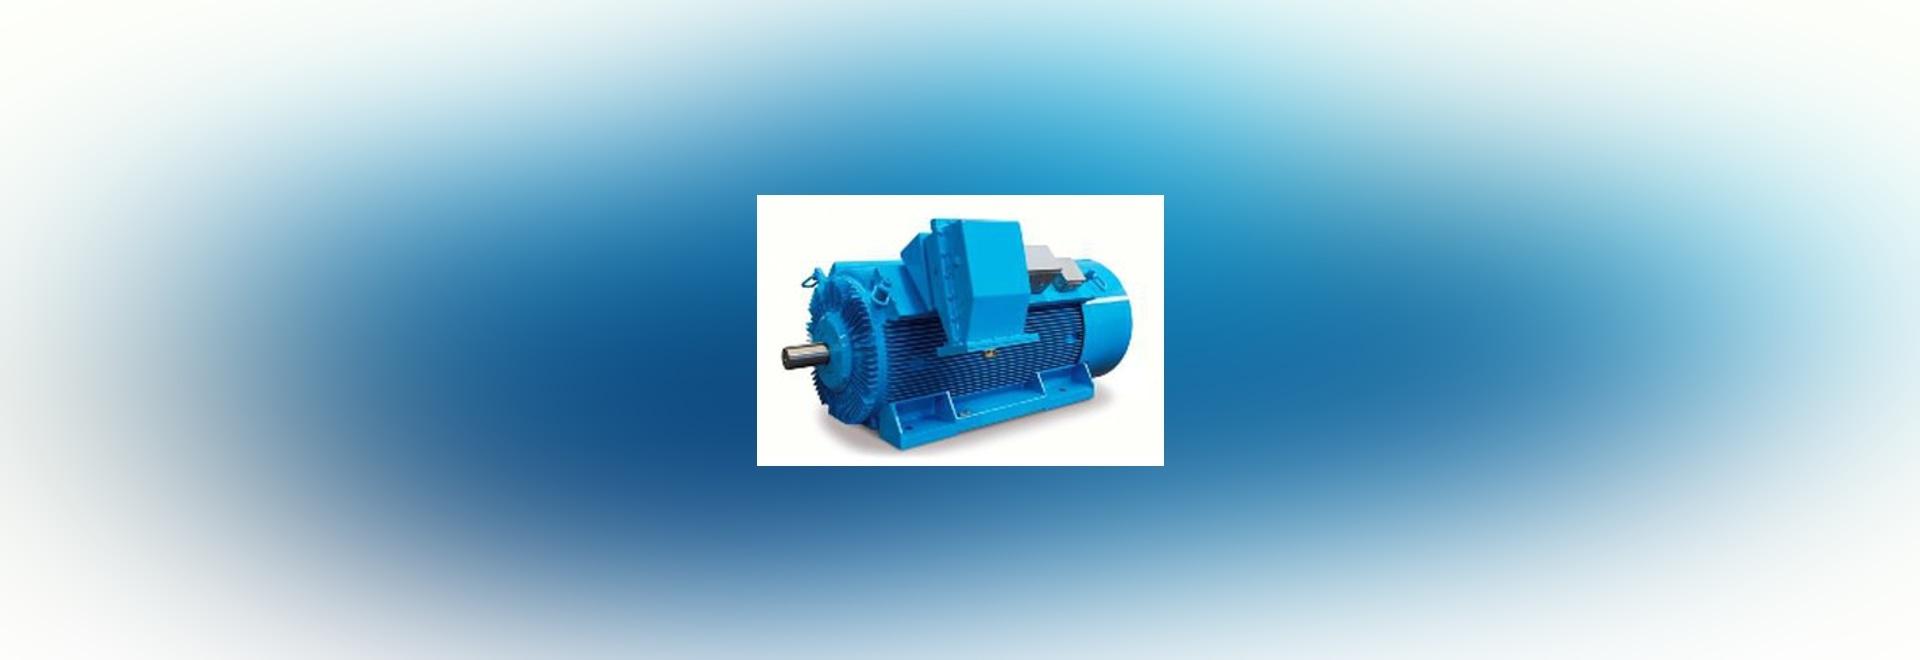 NEU: Asynchron-Motor by ATB - ATB